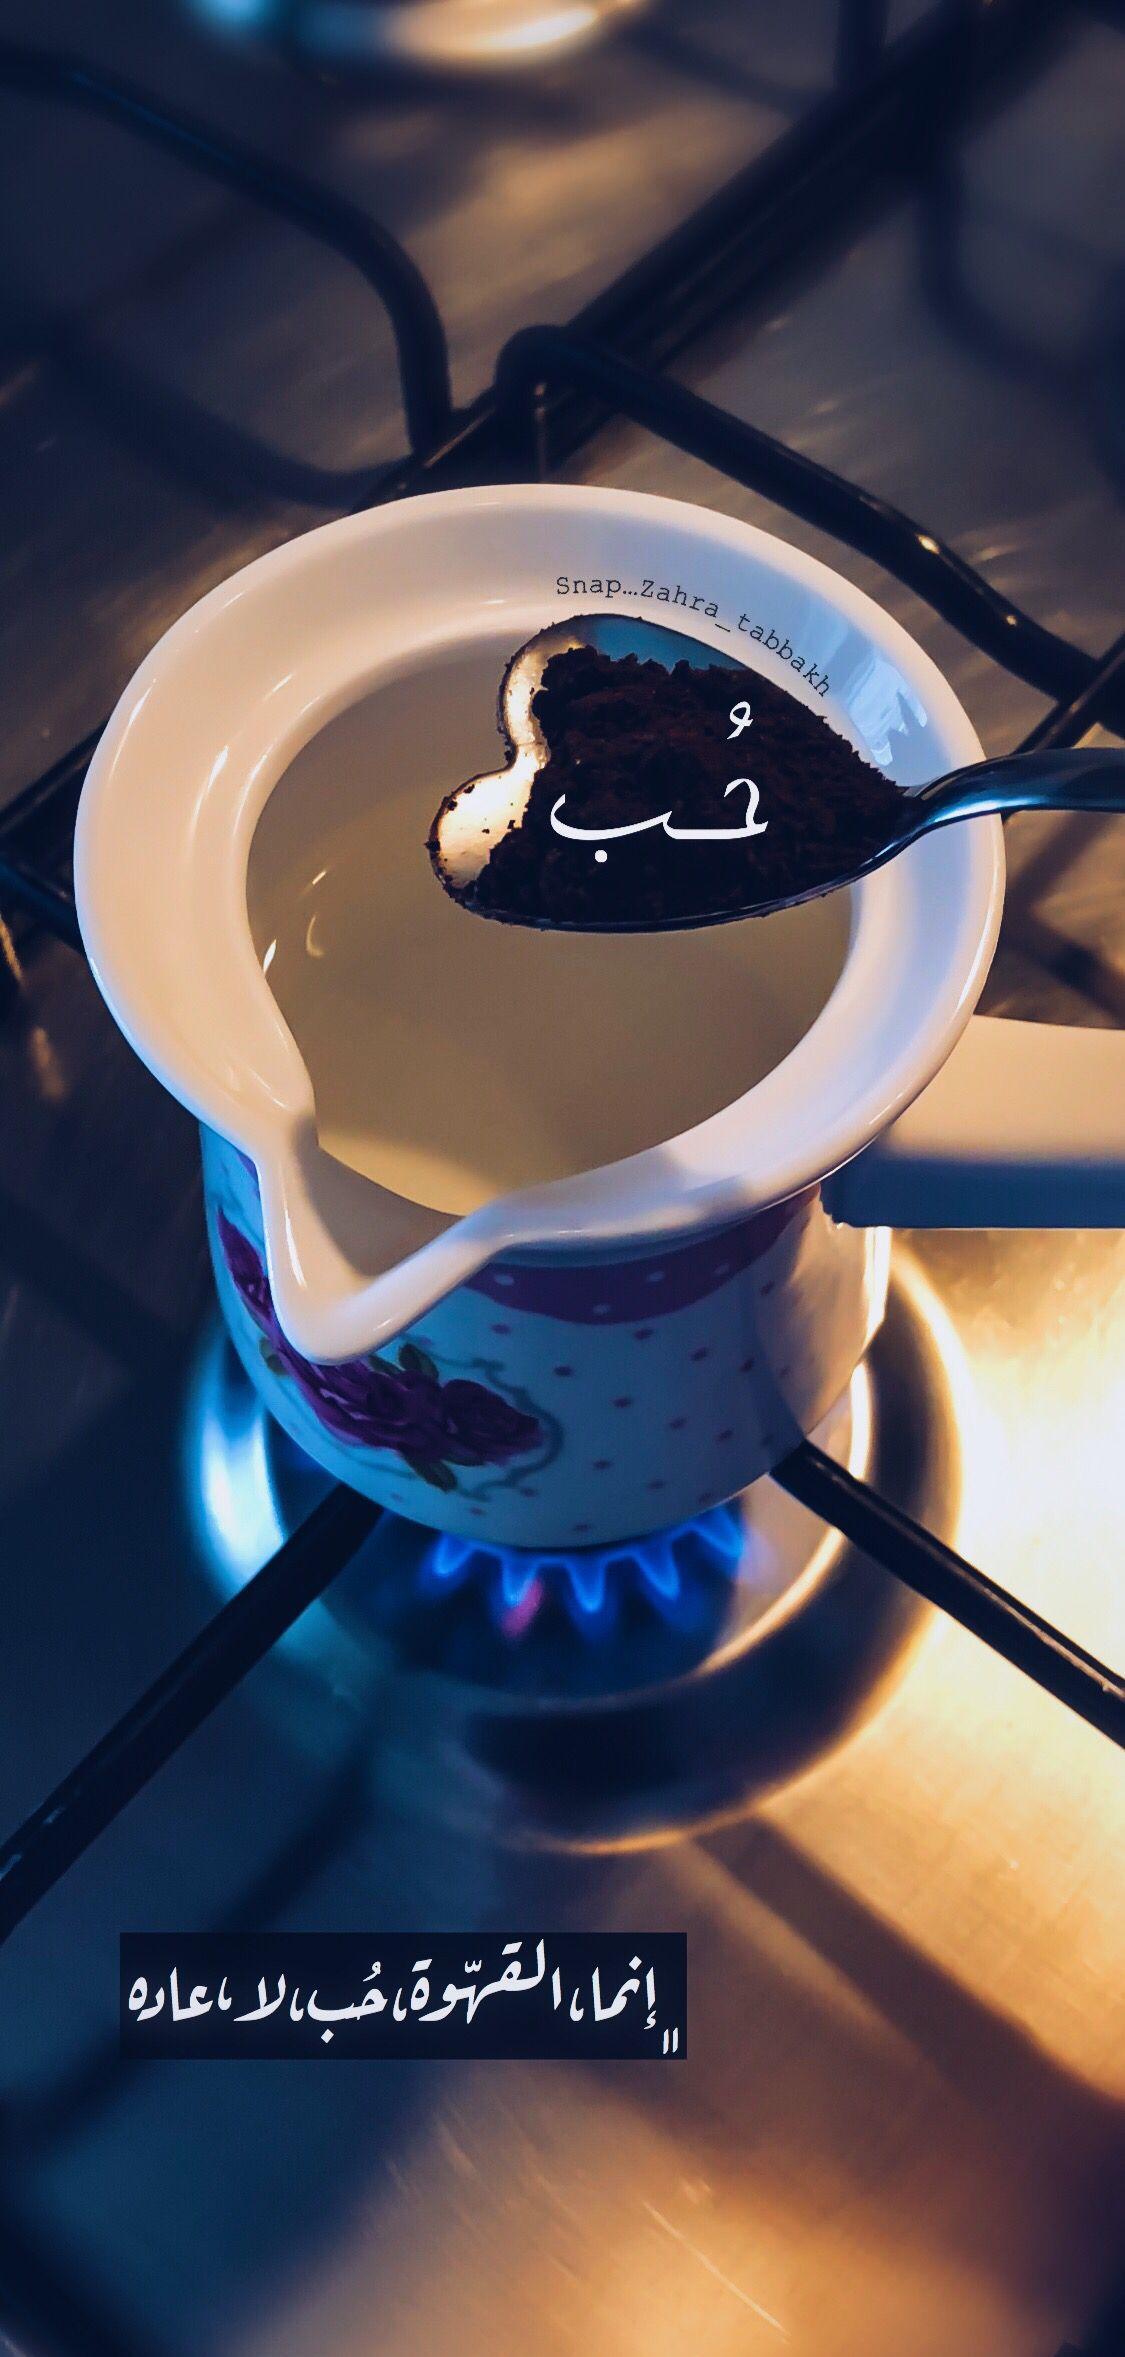 قهوة وقت القهوة صباح الخير رمزيات صورة تصويري تصاميم كوب قهوة سناب سنابيات بيسيات فنجان قهوة روقان Coffee Quotes Coffee Pictures Wise Words Quotes